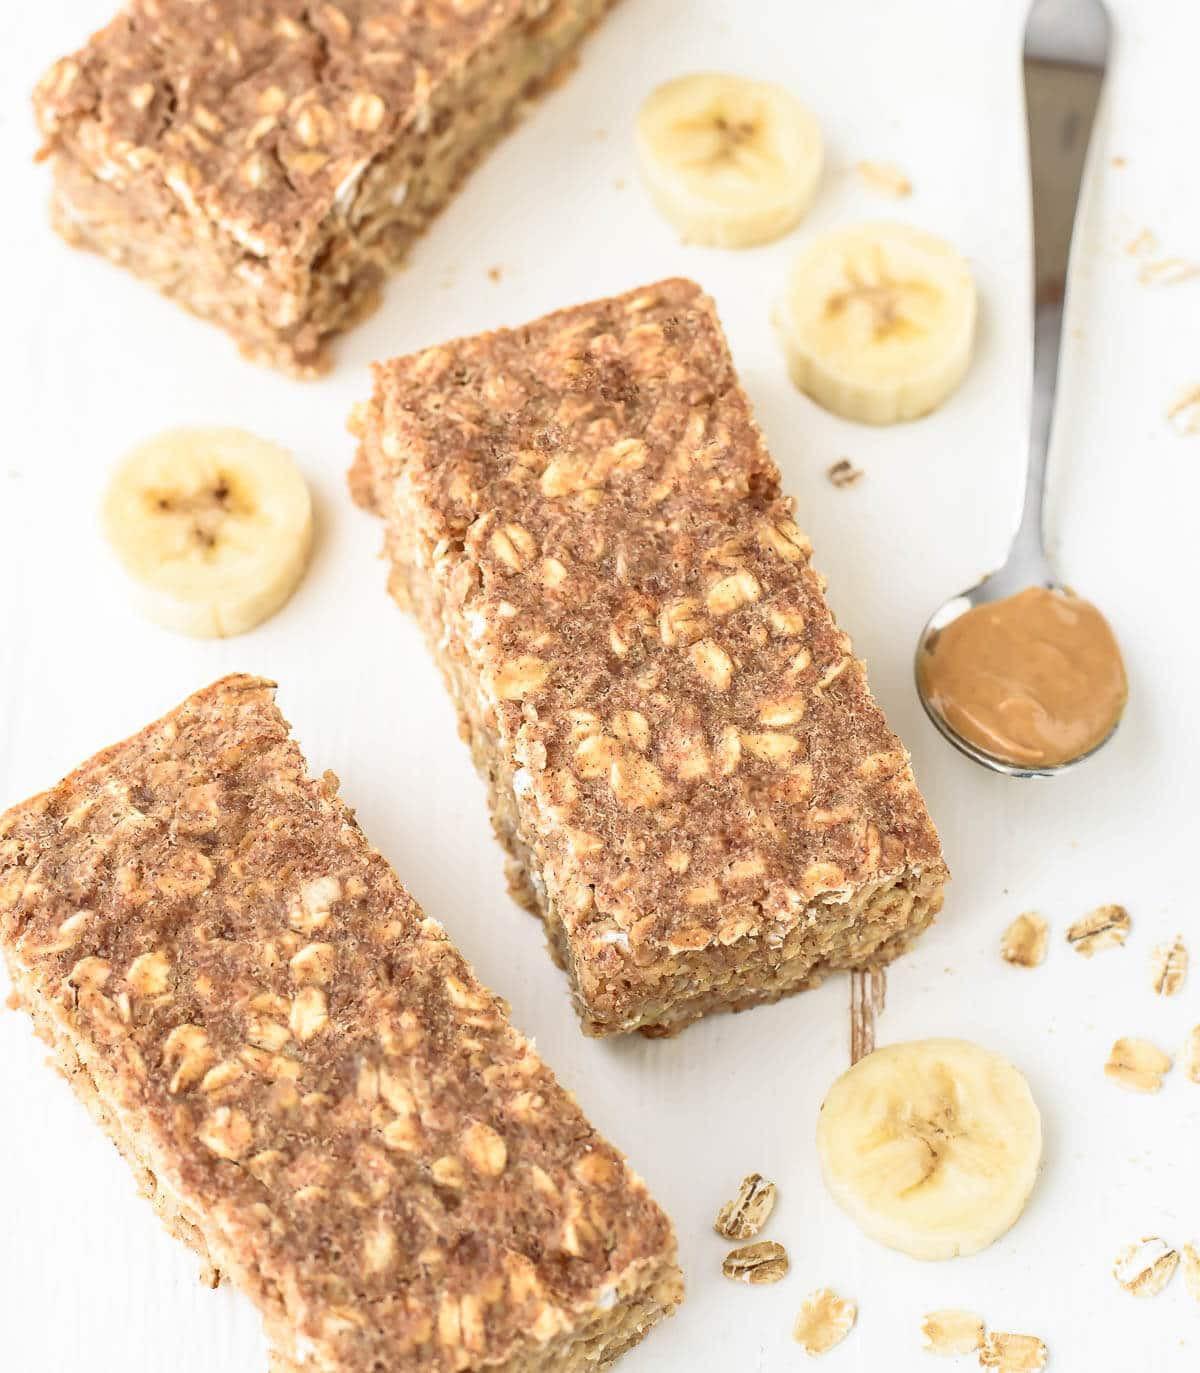 Healthy Oatmeal Breakfast Bars 20 Ideas for Oatmeal Breakfast Bars